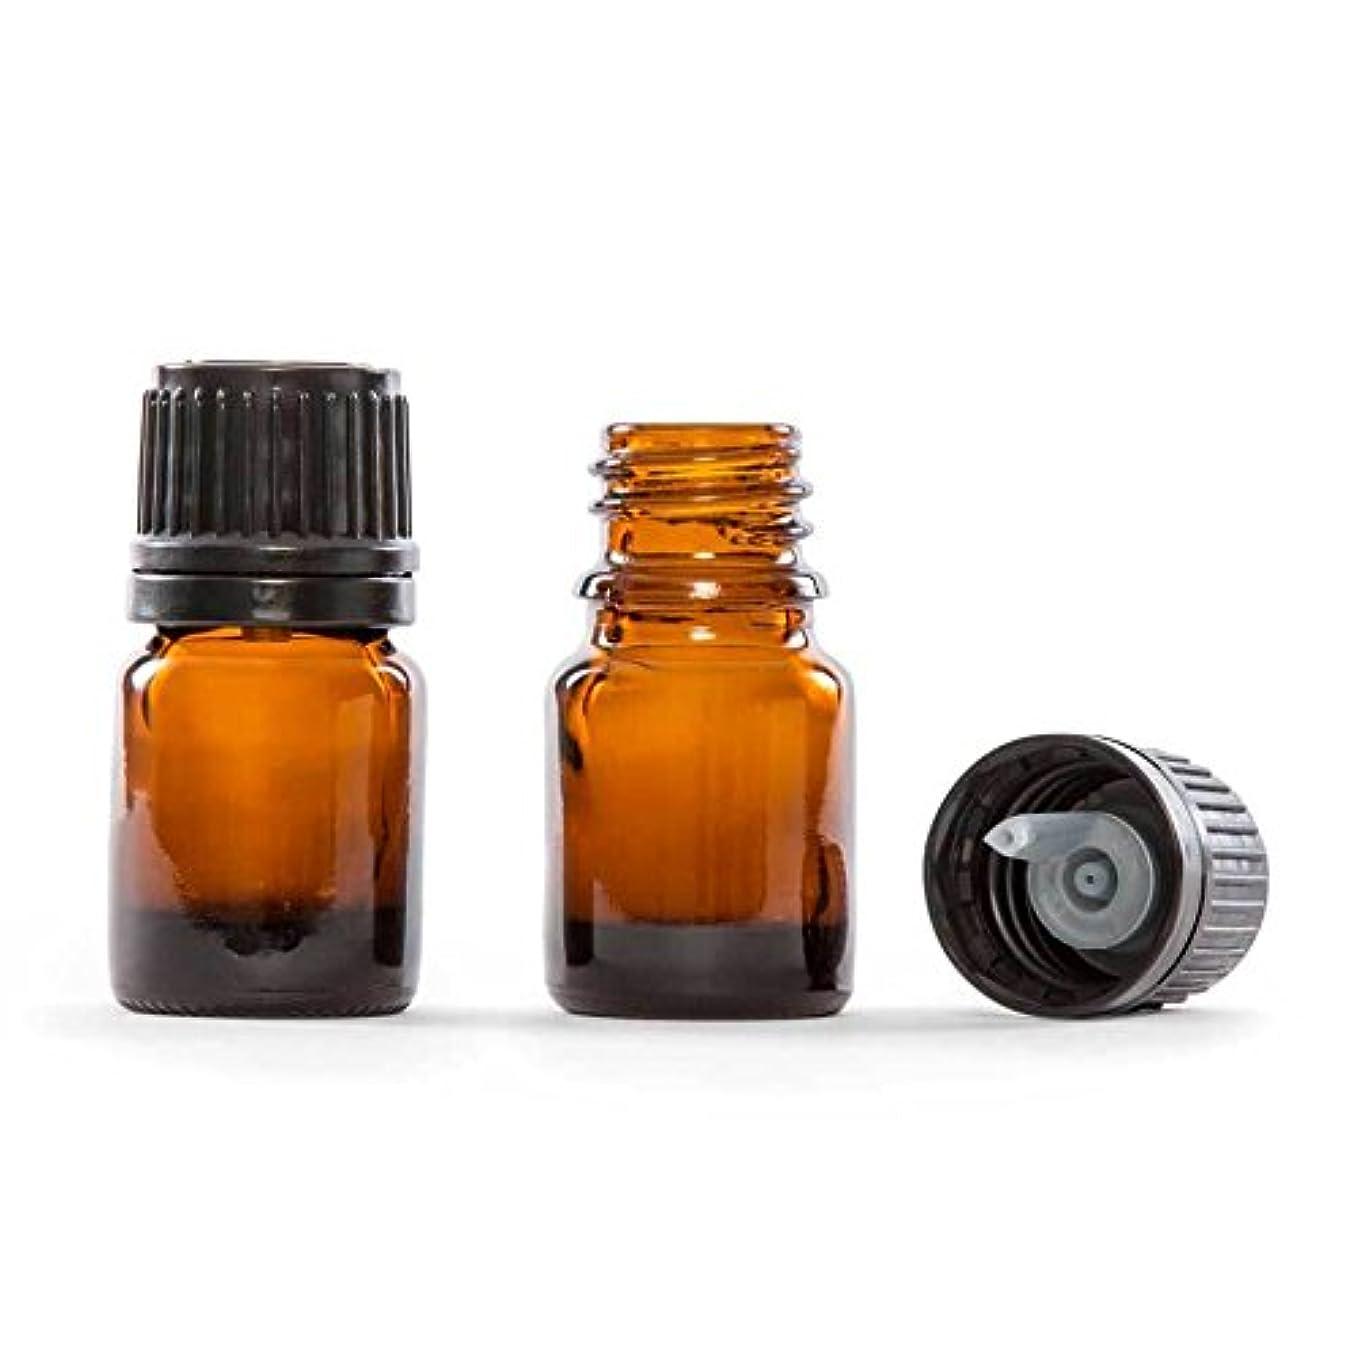 香り気絶させるそう植物セラピー2.5ミリリットル(1/12オンス)、欧州ドロッパーキャップとアンバーグラスエッセンシャルオイルのボトル。 12本のアロマセラピーのためのボトル、エッセンシャルオイル、またはパーソナルケア製品のパック。